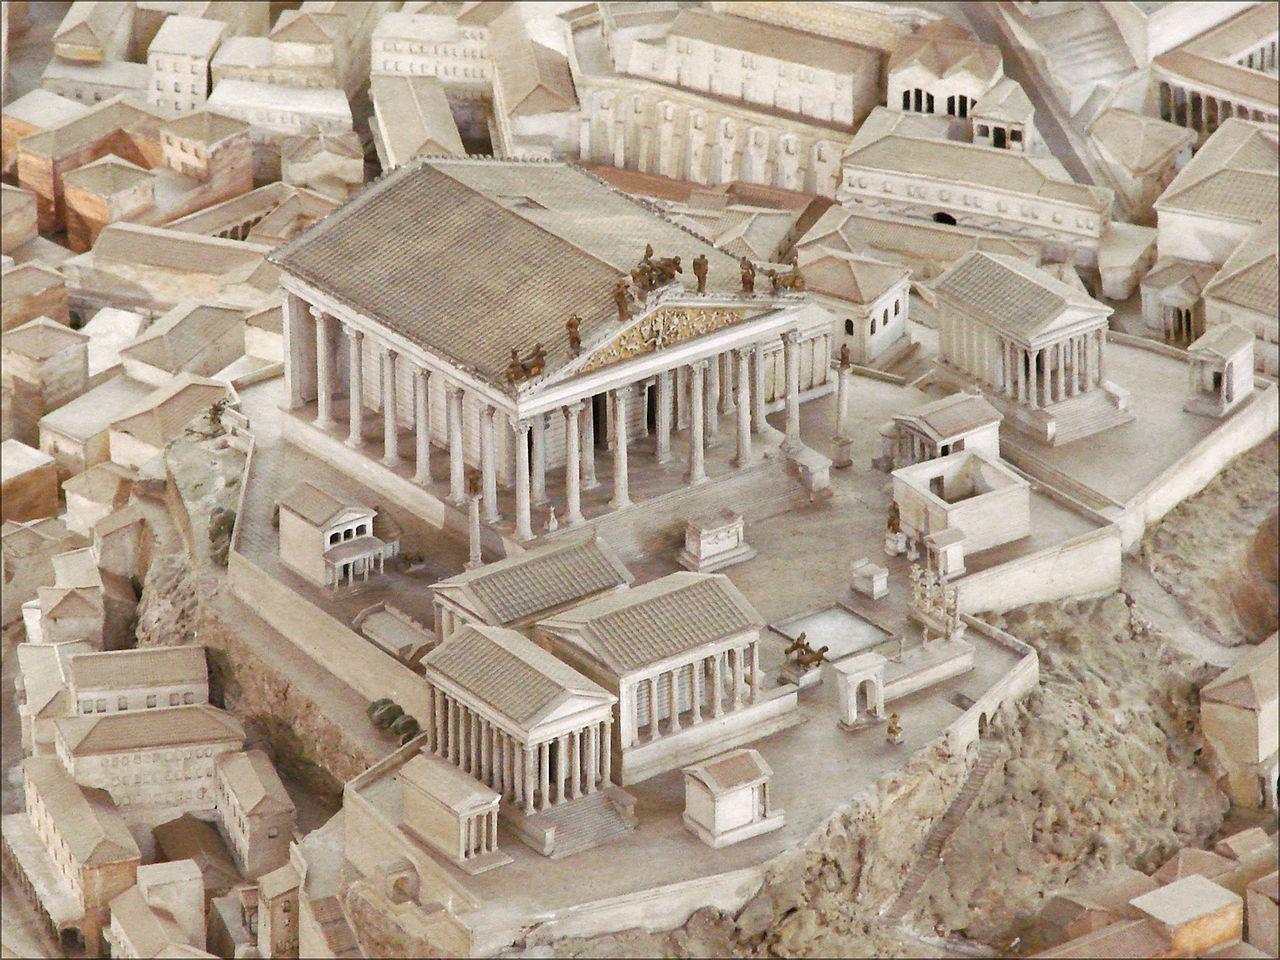 Maquette De Rome Mus E De La Civilisation Romaine Rome